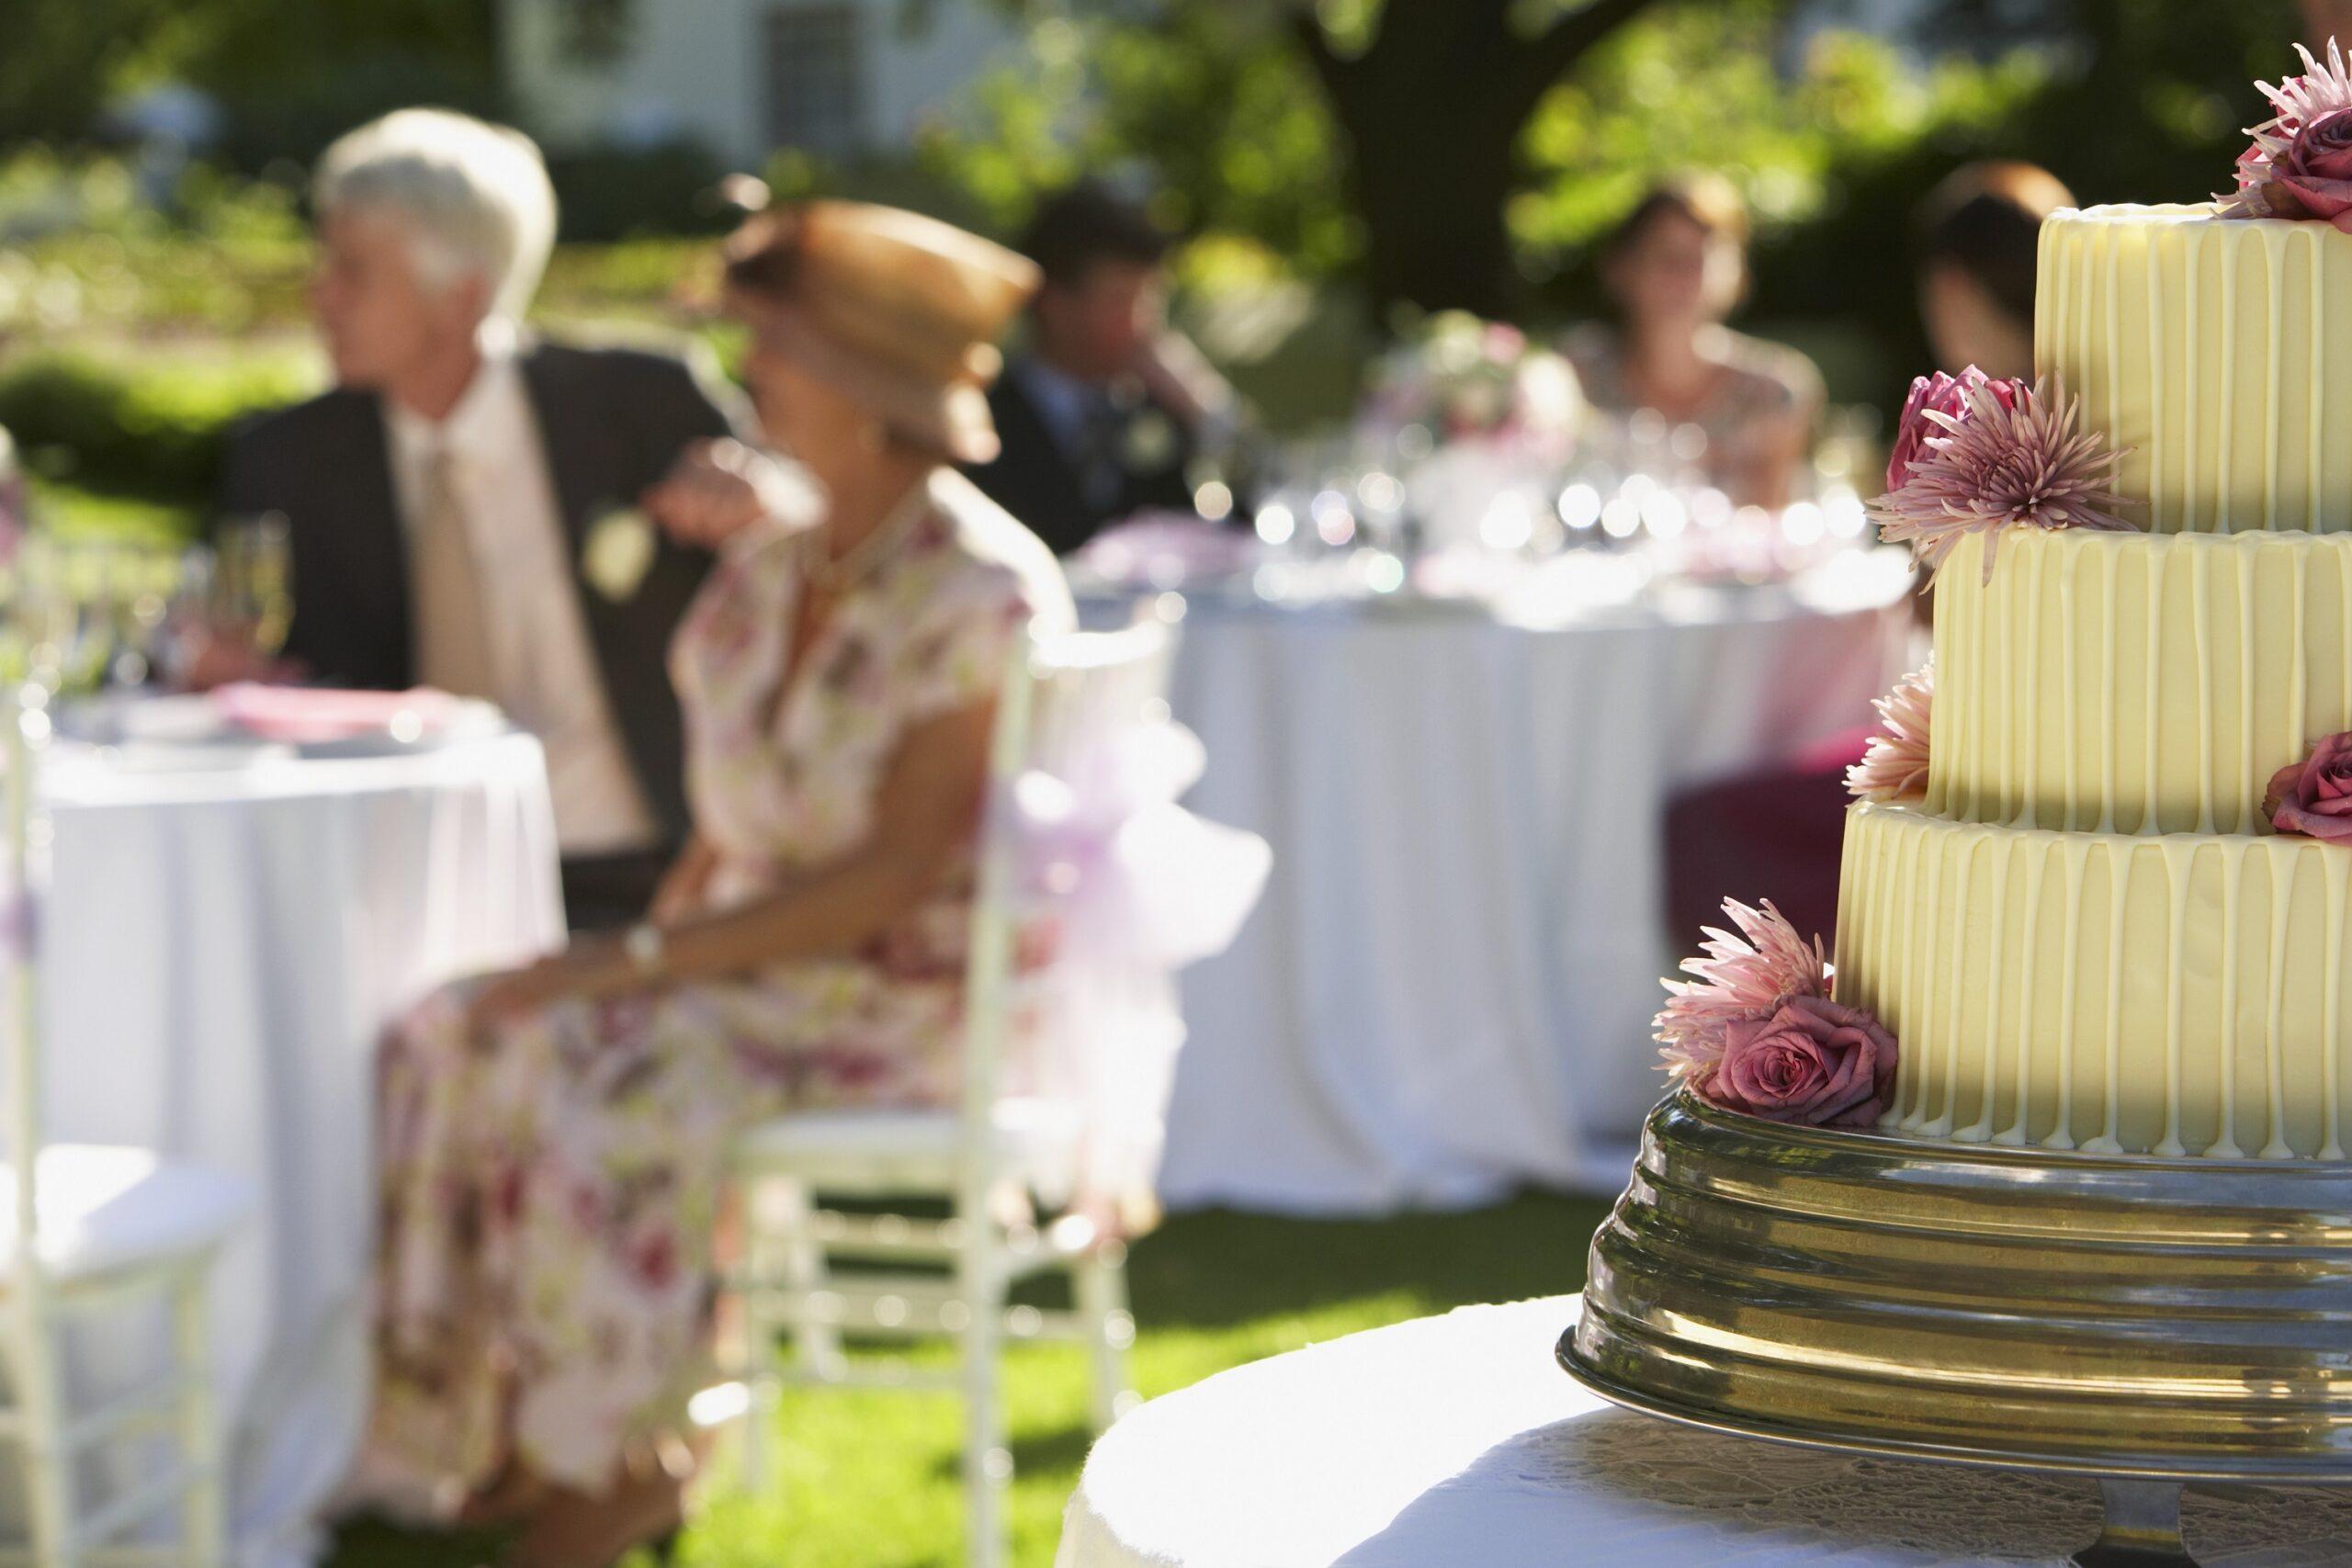 zastawa stołowa na przyjęcia w ogrodzie